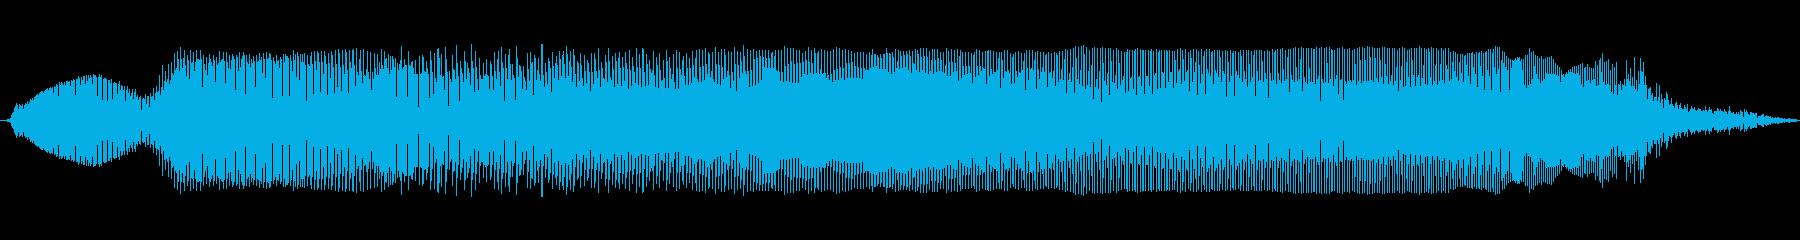 うわあ♪の再生済みの波形